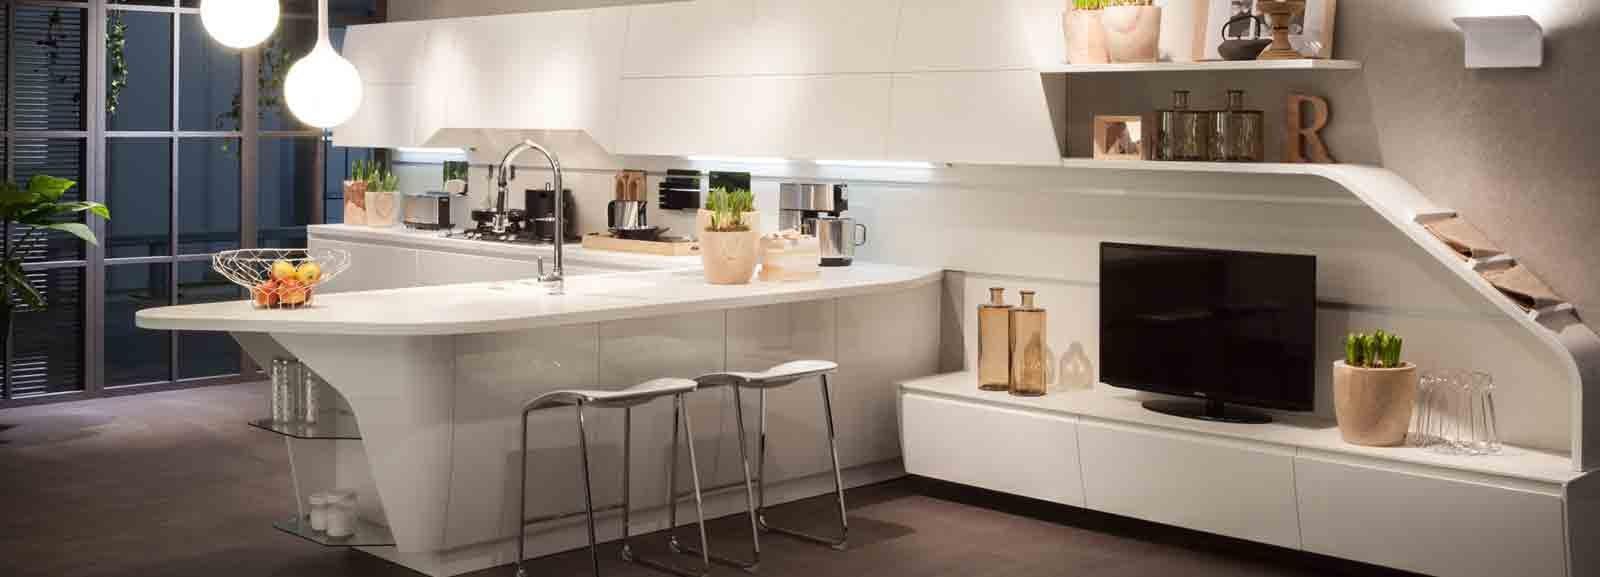 Cucina e soggiorno openspace funzioni divise o spiccata socialit  Cose di Casa